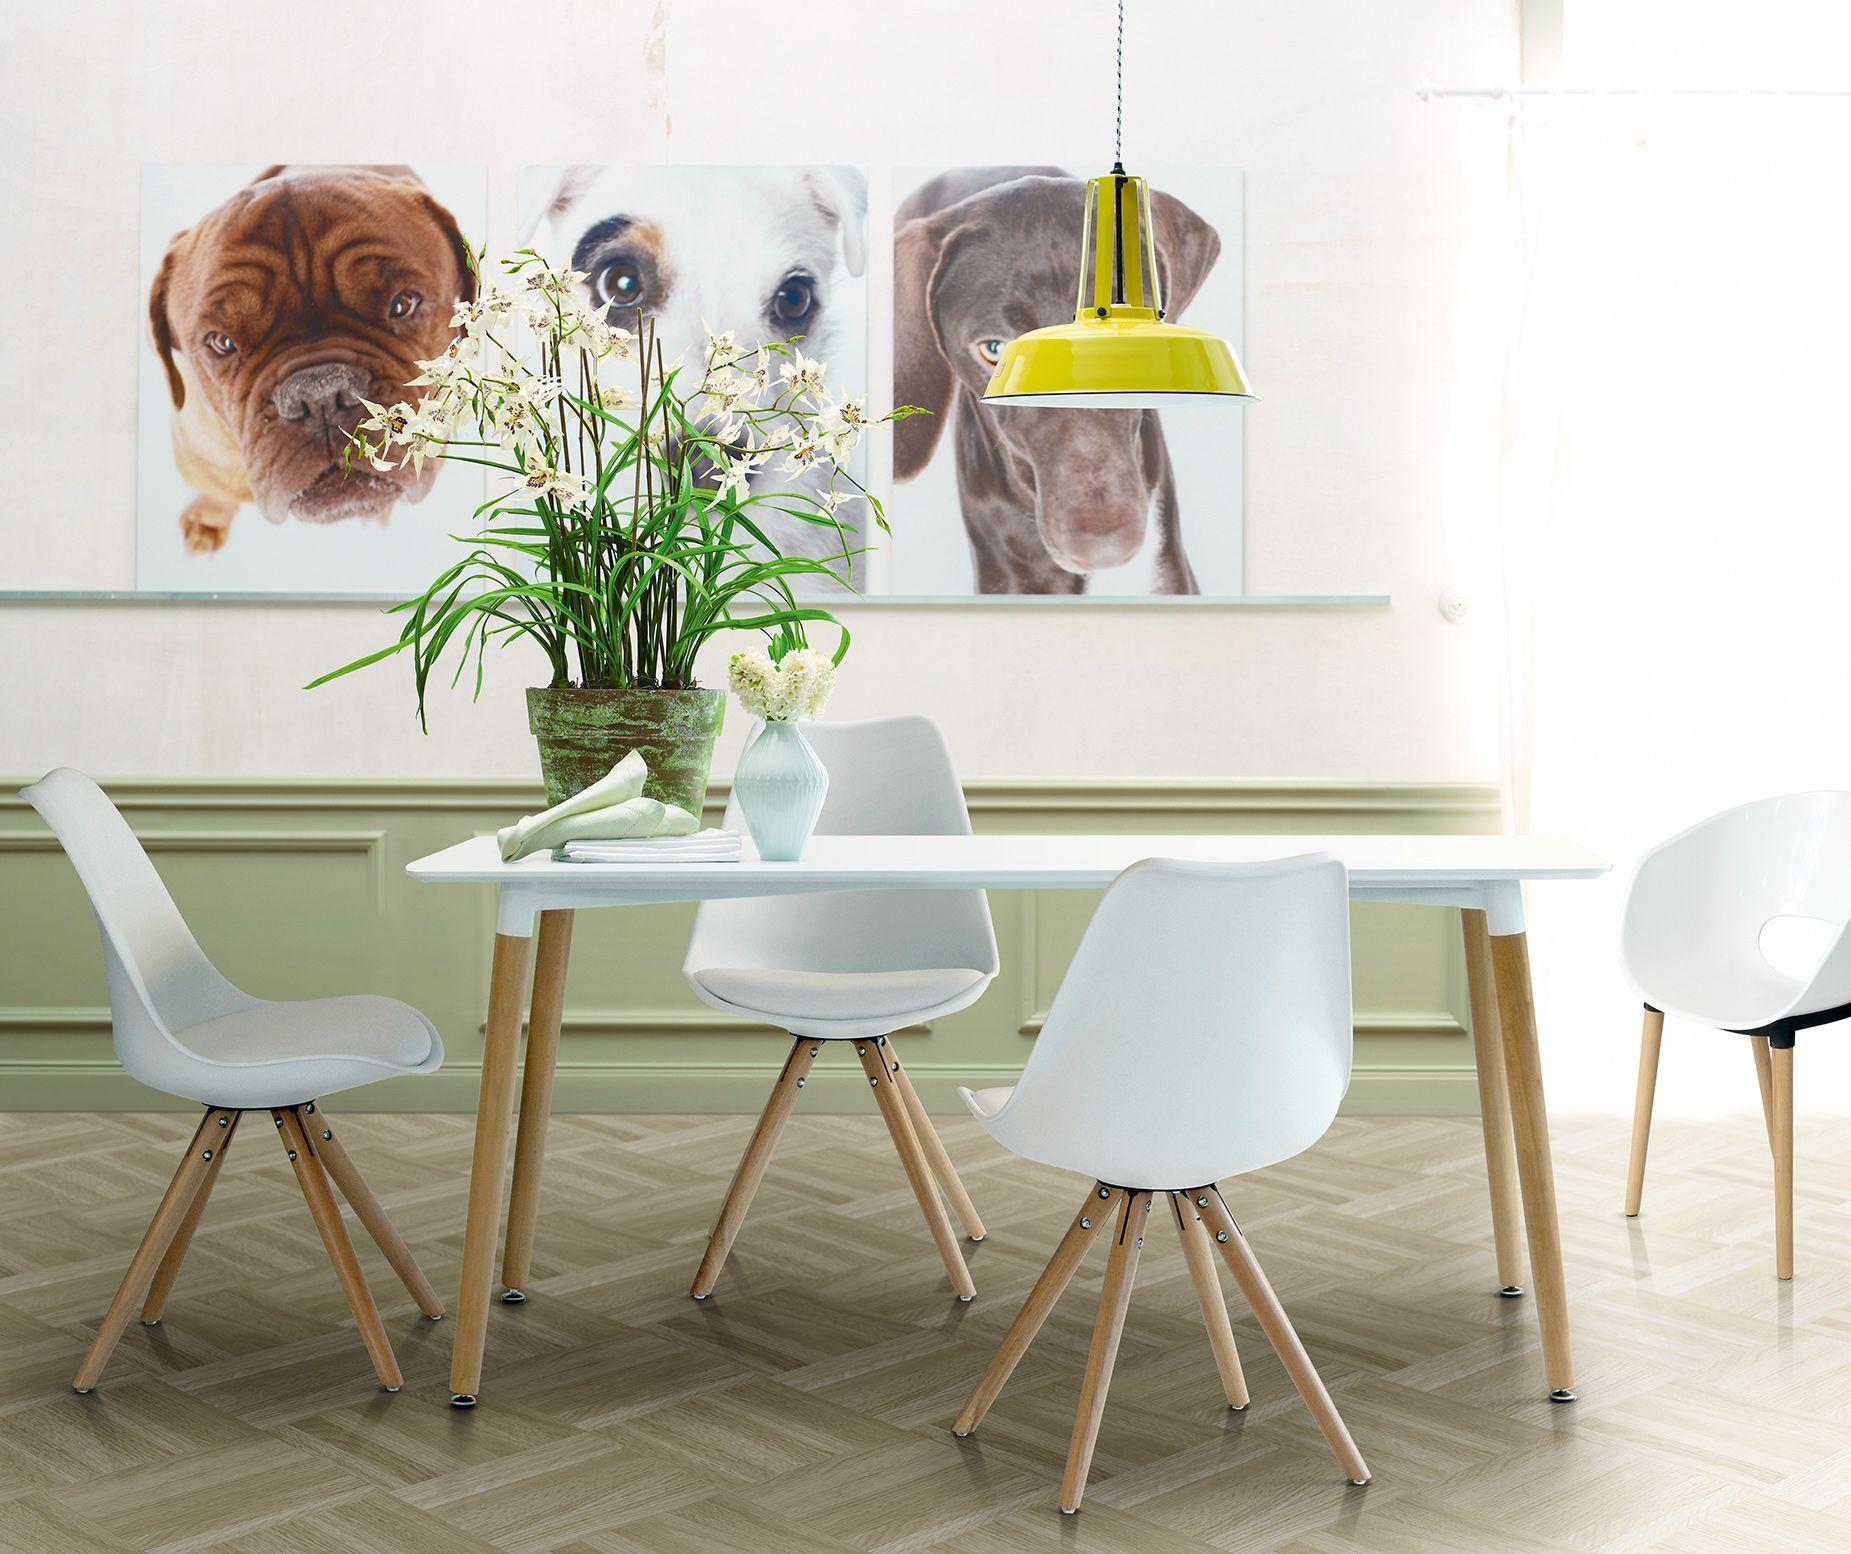 Flotter Küchentisch in purem Weiß | Tische & Stühle | Pinterest | Plato